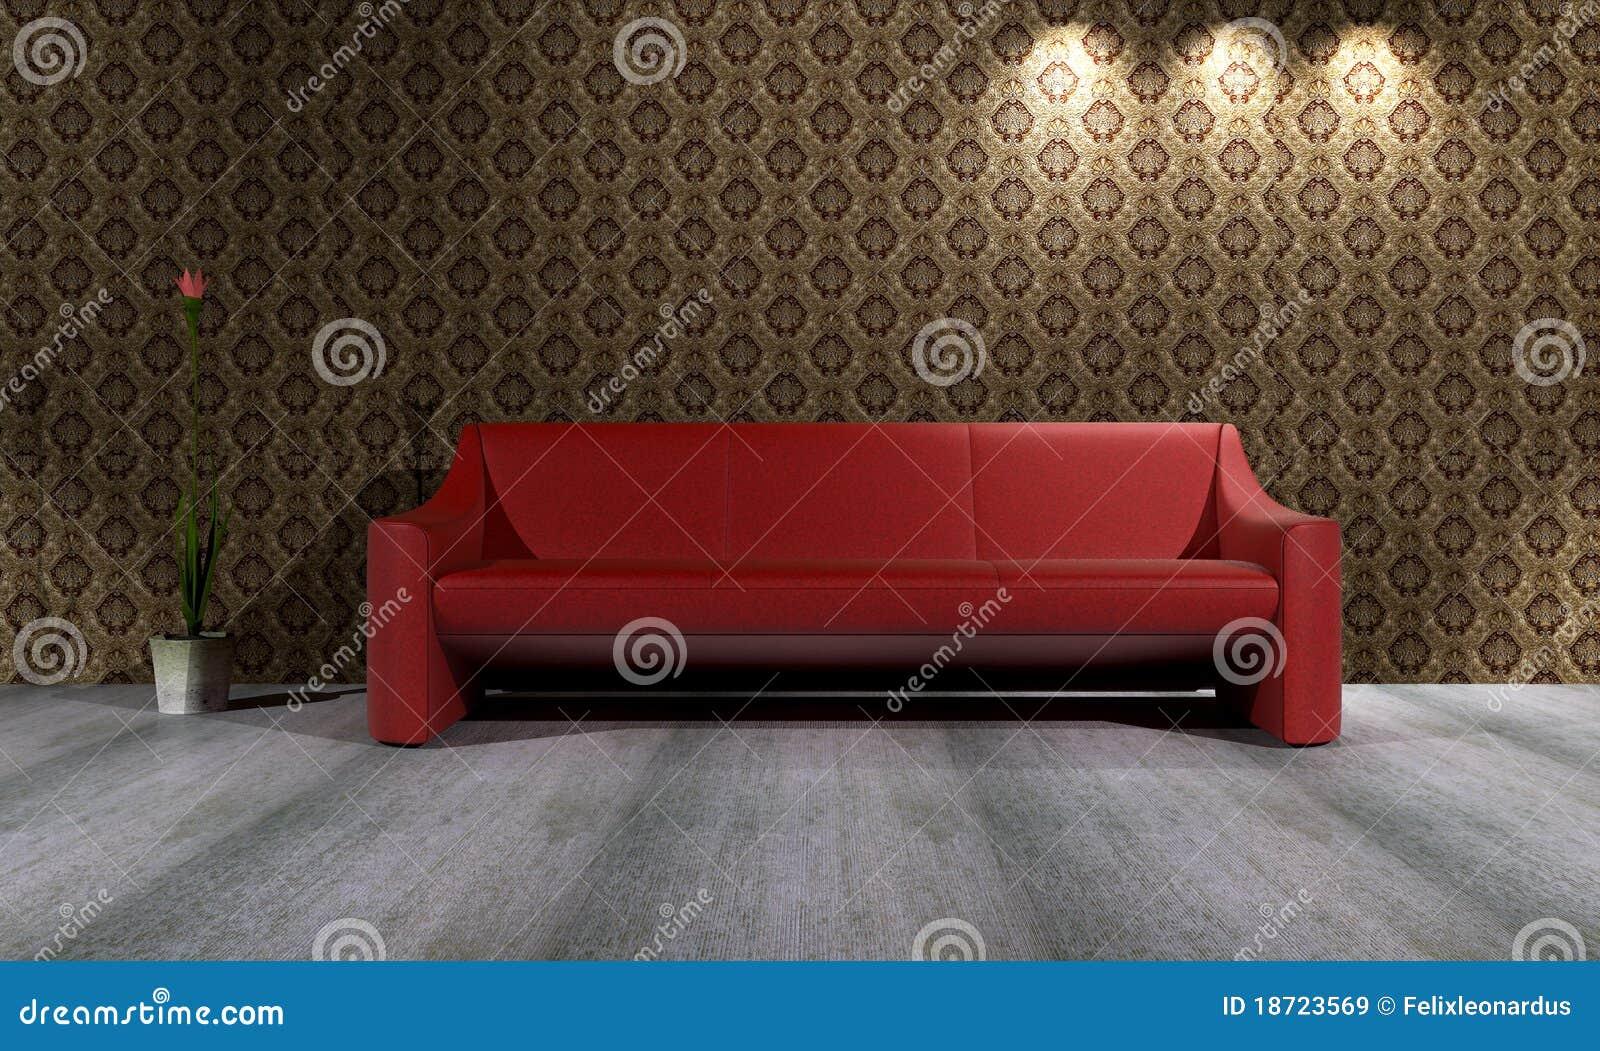 Red Sofa 3D Rendering